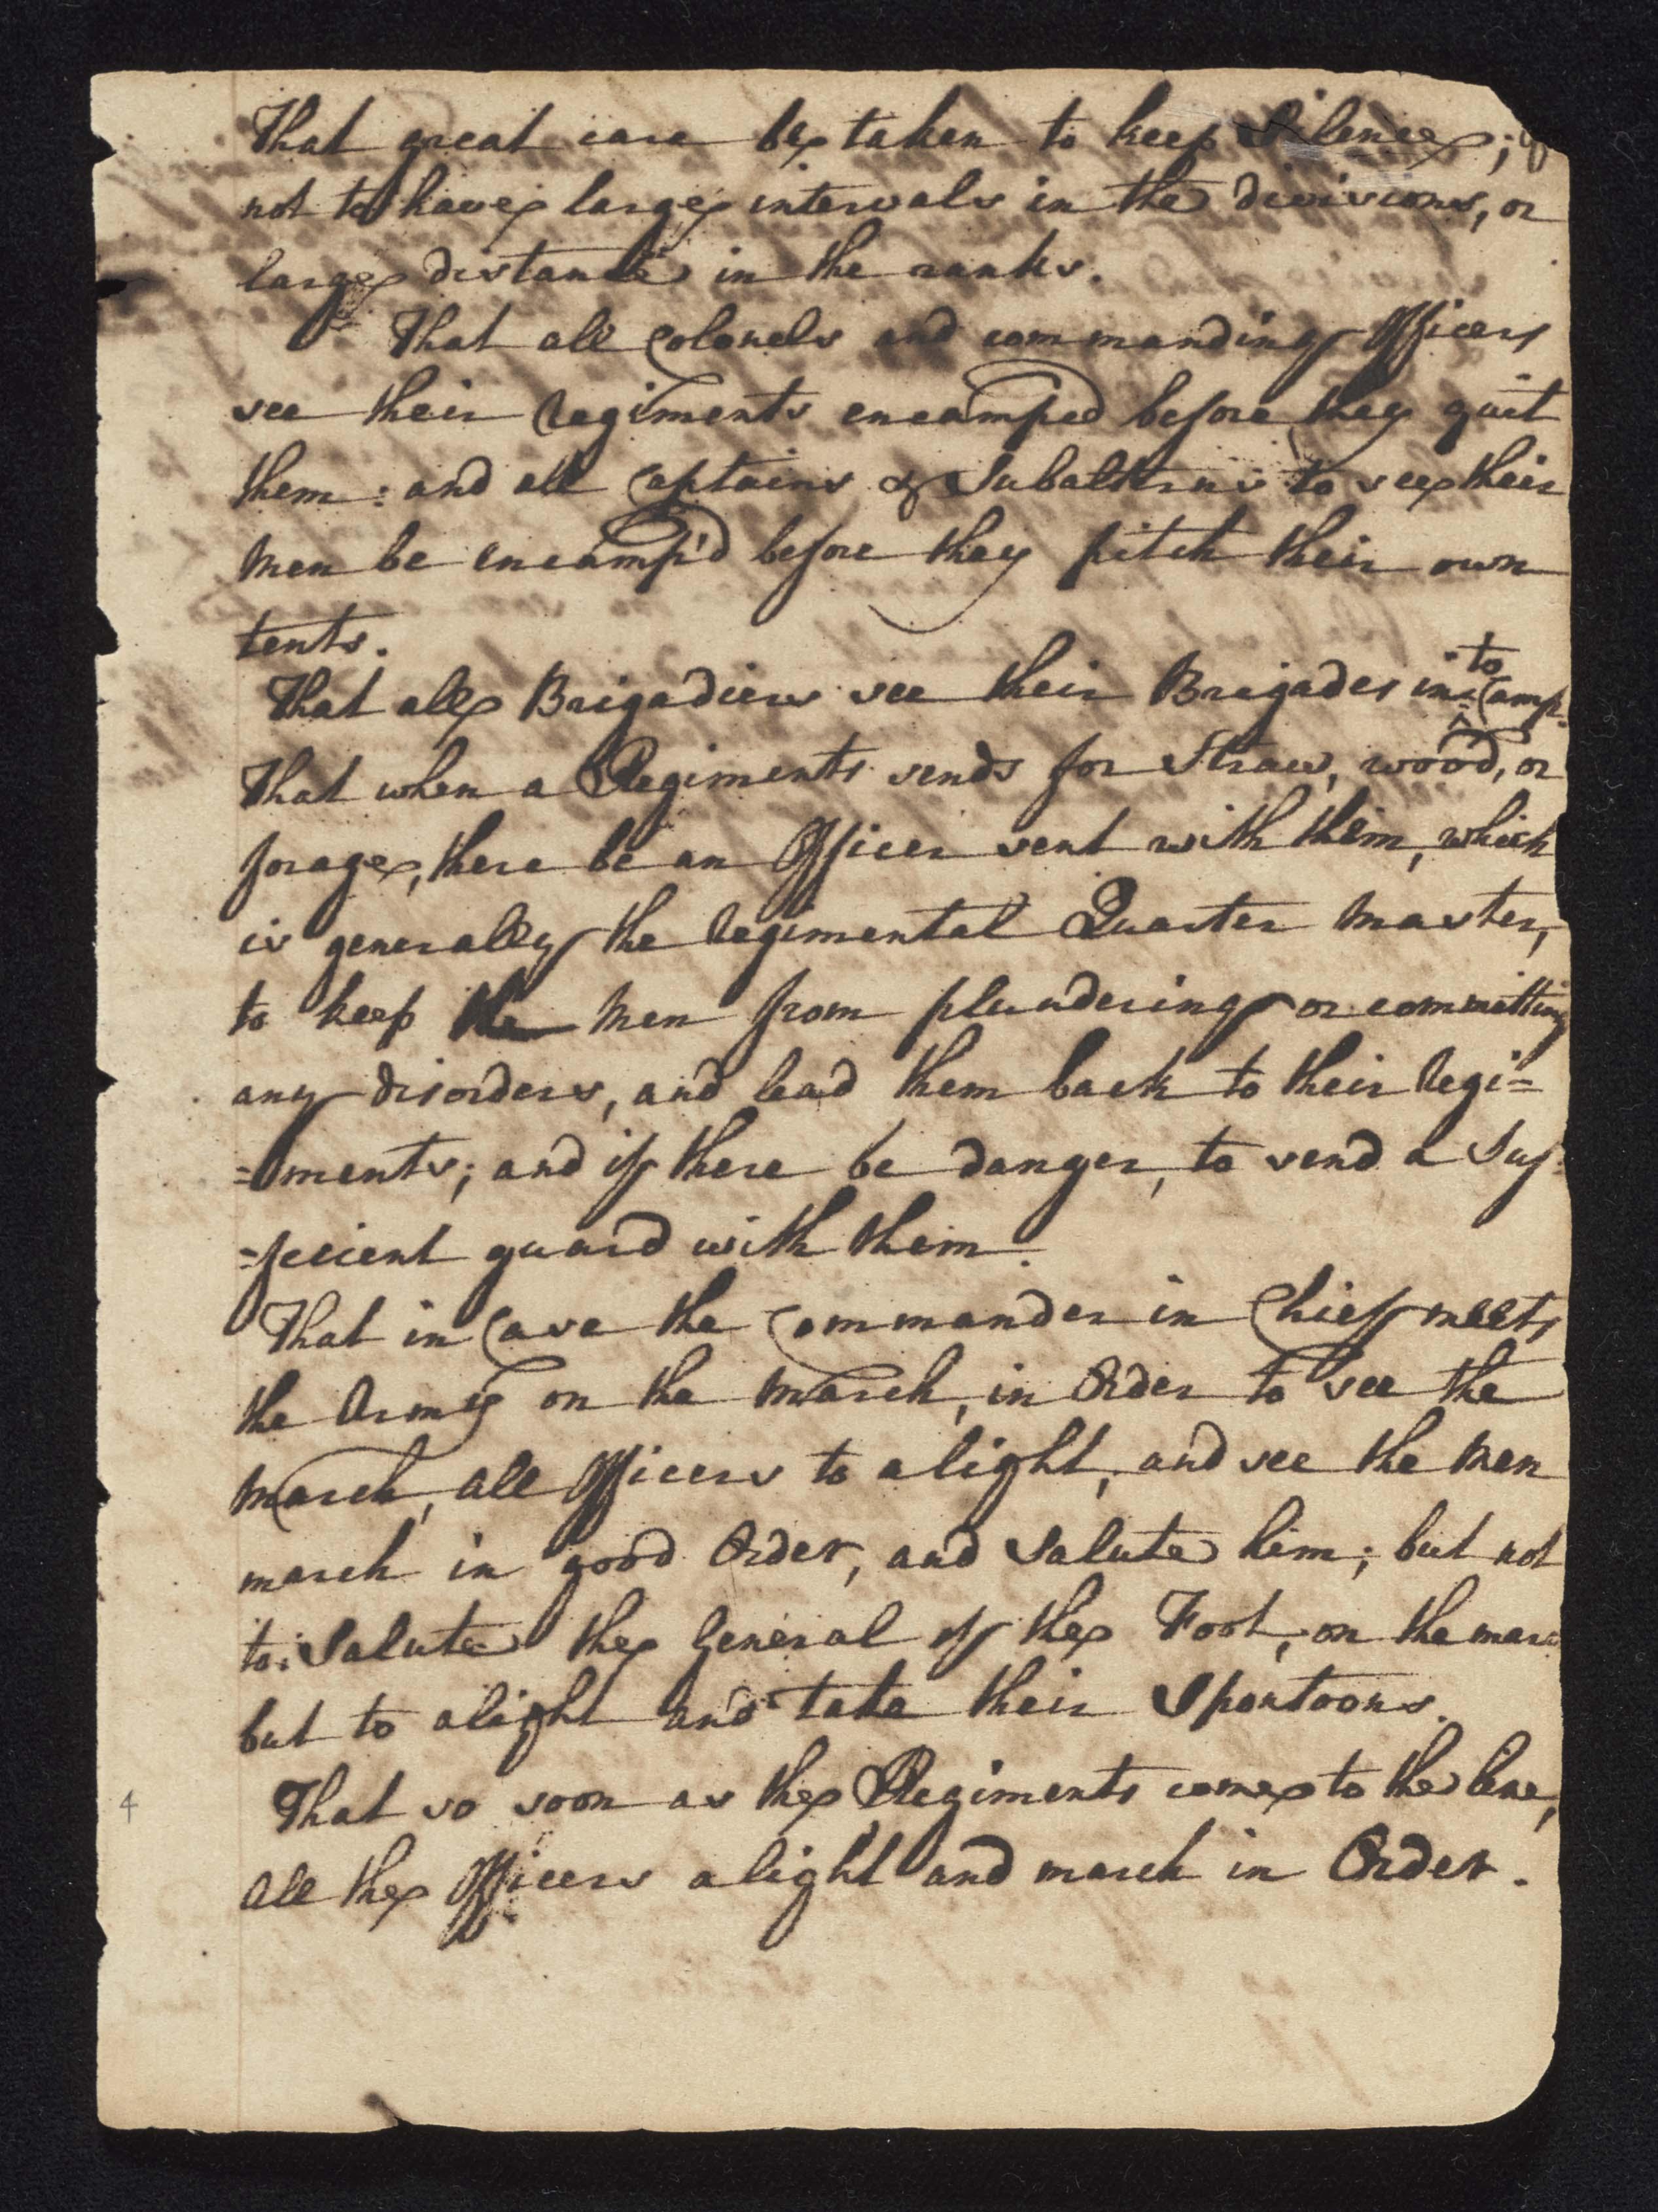 South Carolina Regiment Order Book, Page 7